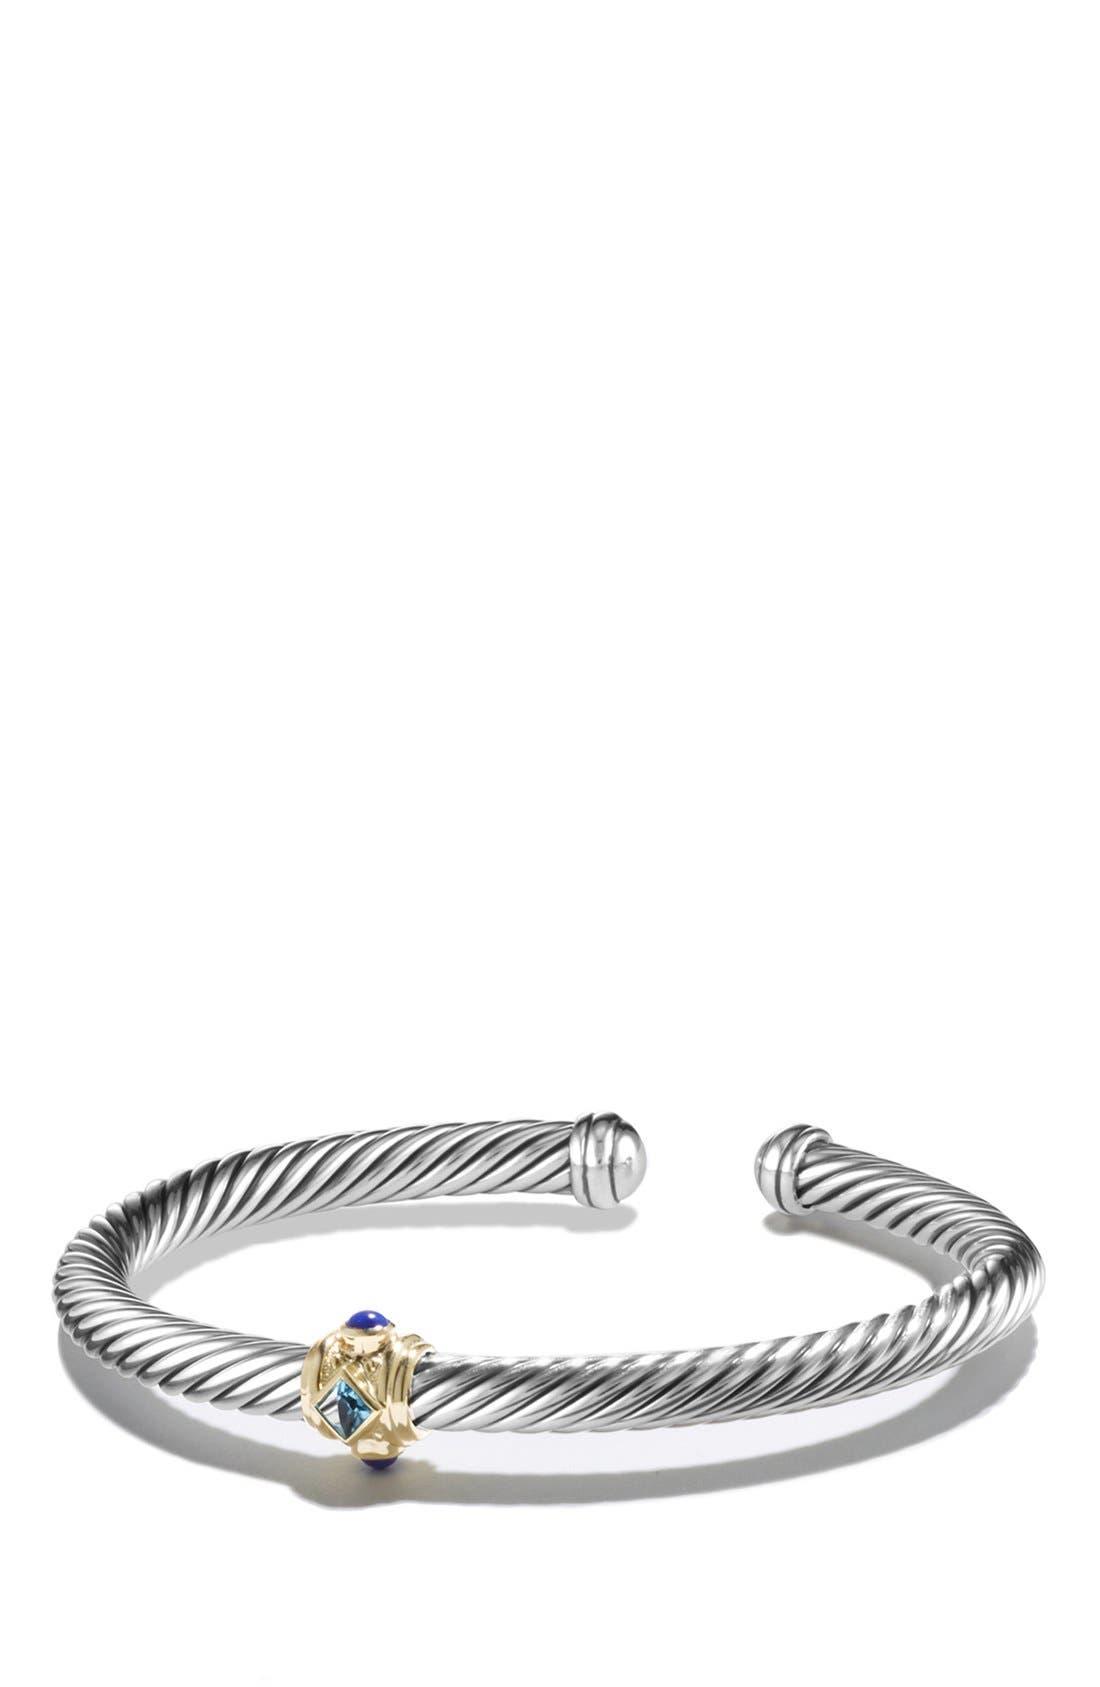 Renaissance Bracelet with Semiprecious Stones & 14K Gold, 5mm,                             Main thumbnail 1, color,                             BLUE TOPAZ